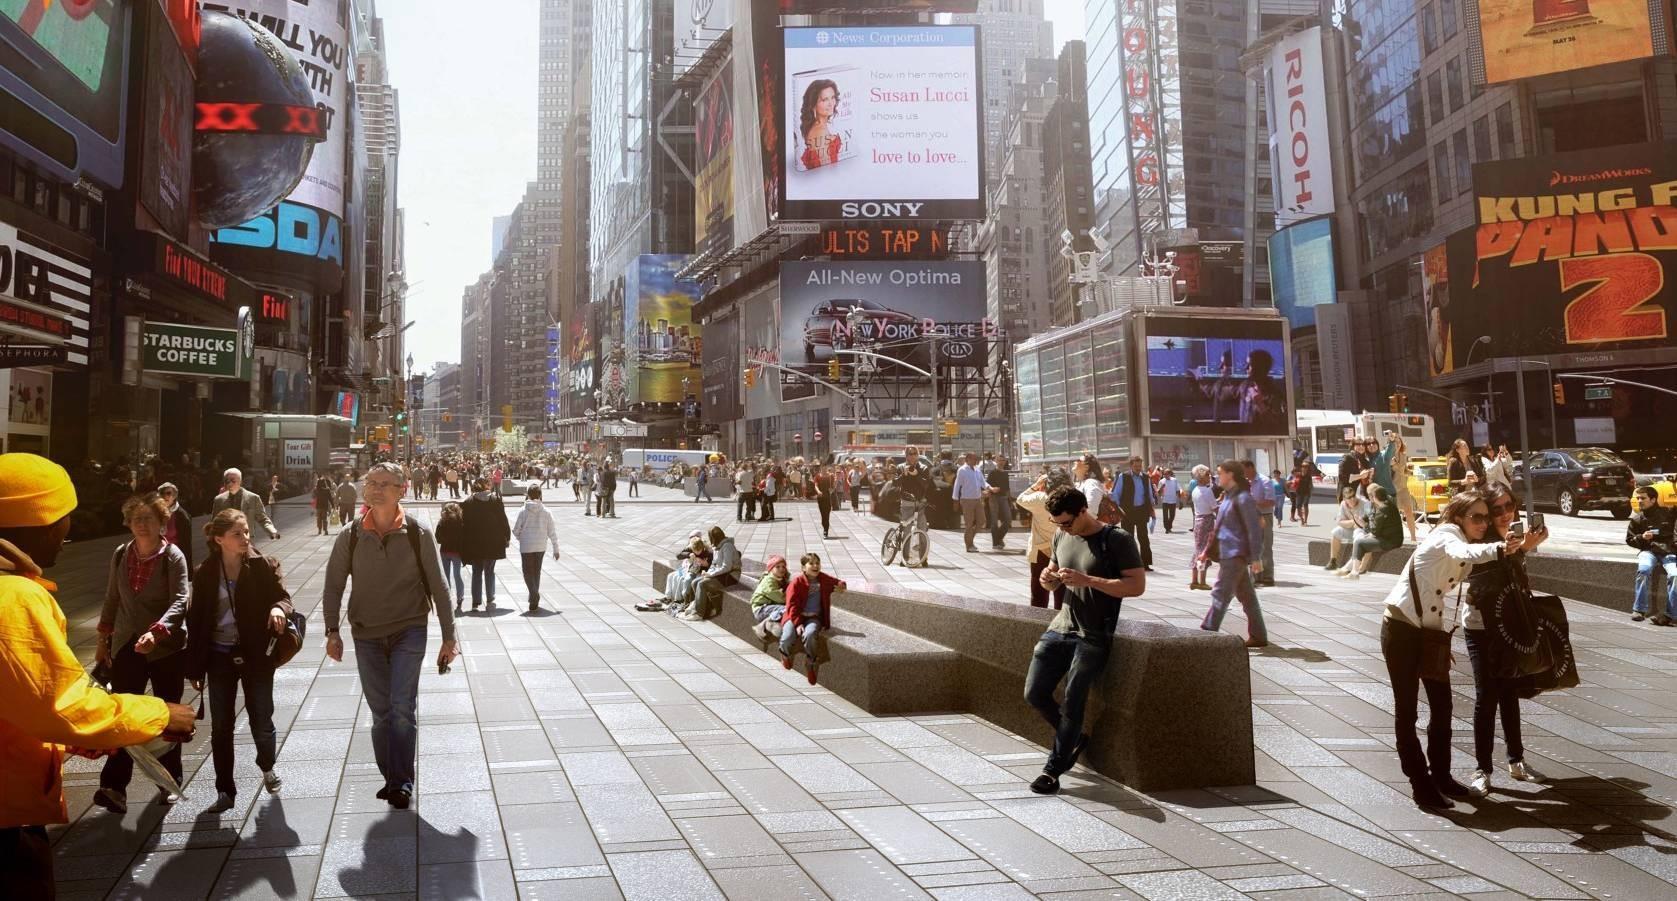 """Evento """"Conexão Rio - New York com Janette Sadik-Khan"""", no IAB-RJ, Projeto do escritório Snøhetta, realizado durante a gestão de Janette Sadik-Khan, que faz da Times Square uma rua permanentemente de pedestres. Cortesia de Snøhetta"""